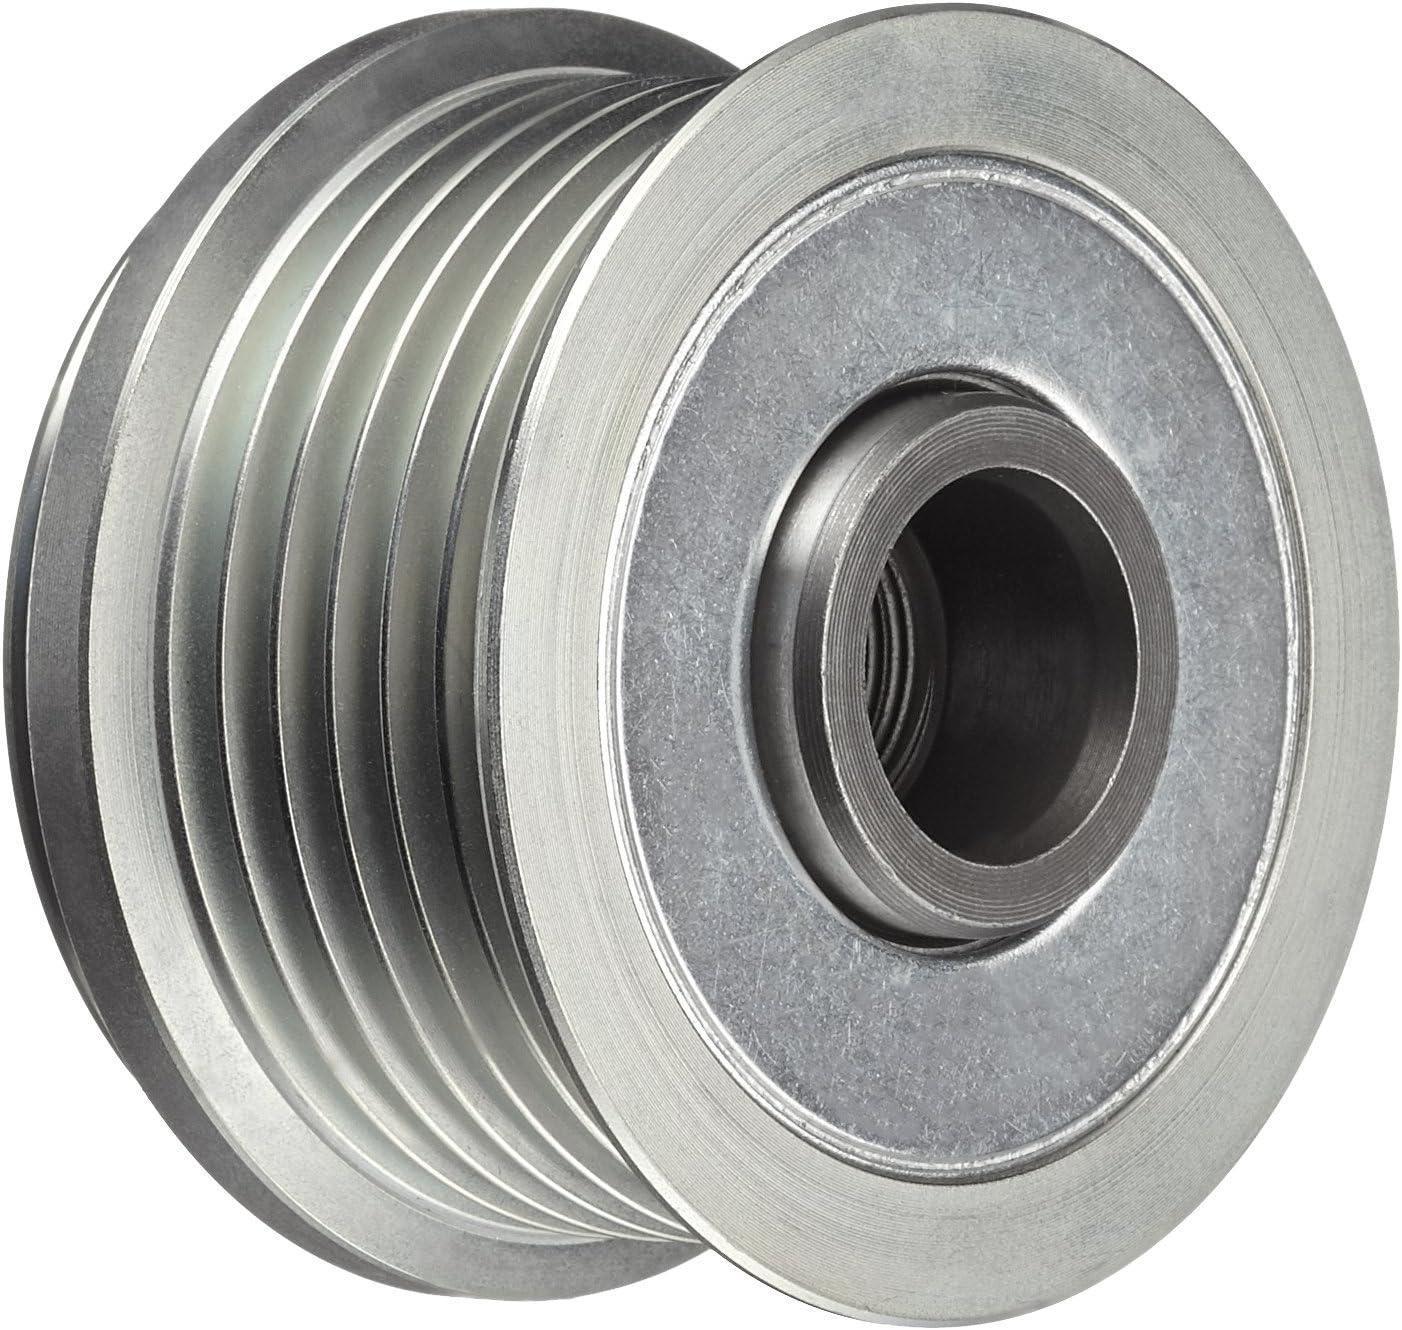 Anzahl der Rillen: 6 Gewindema/ß: M16x1,5 HELLA 9XU 358 038-351 Generatorfreilauf Riemenscheiben-/Ø: 54,3mm